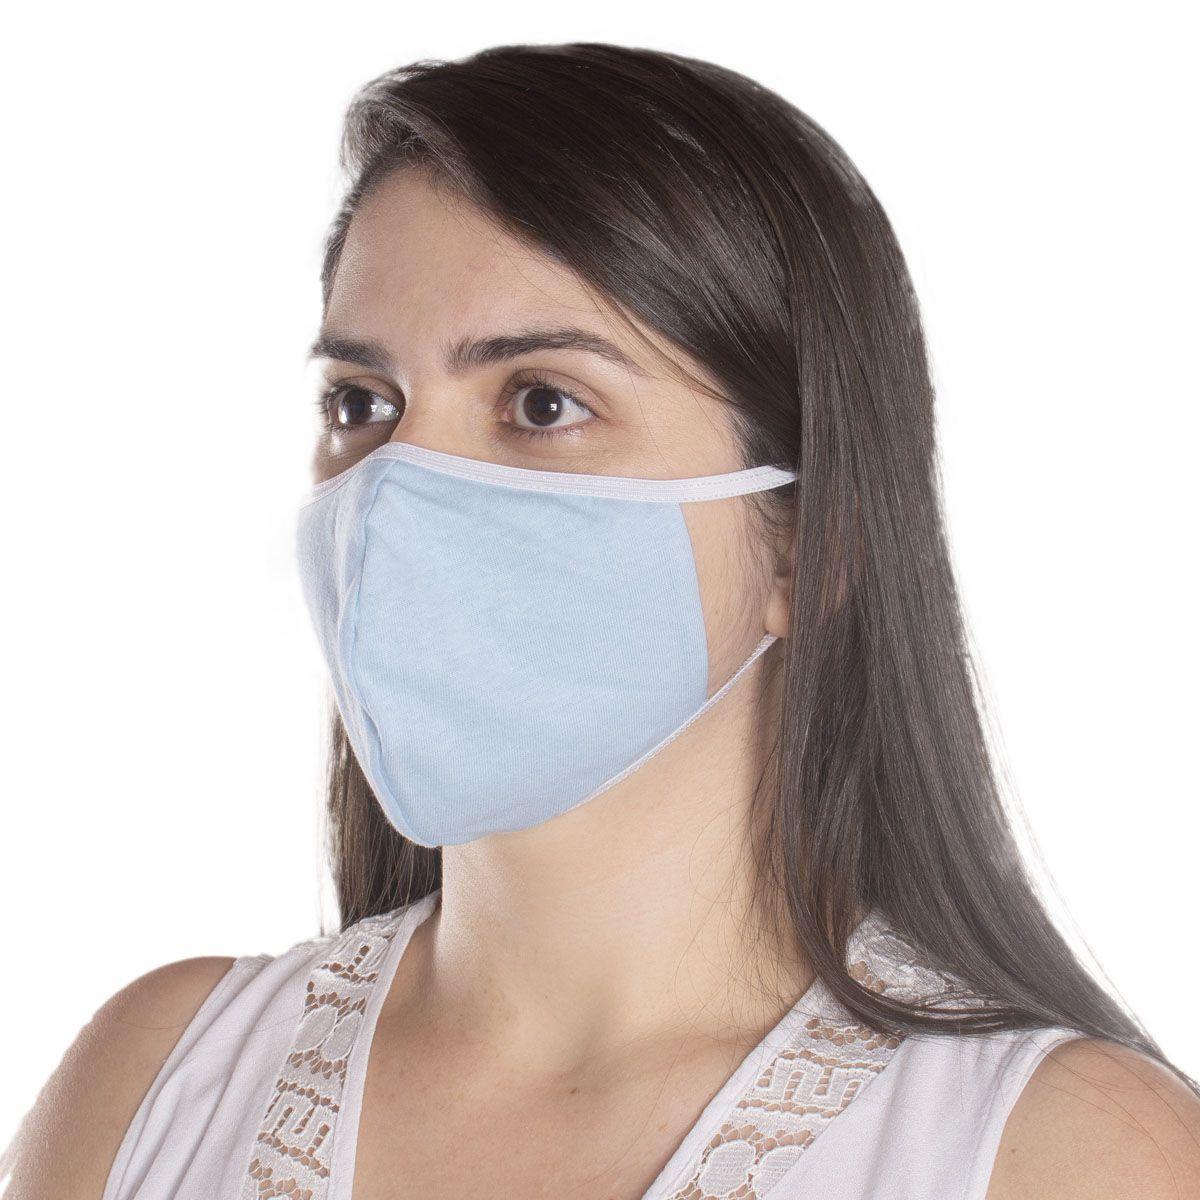 Kit com 10 Máscaras de Proteção Ninja em Algodão Reutilizável